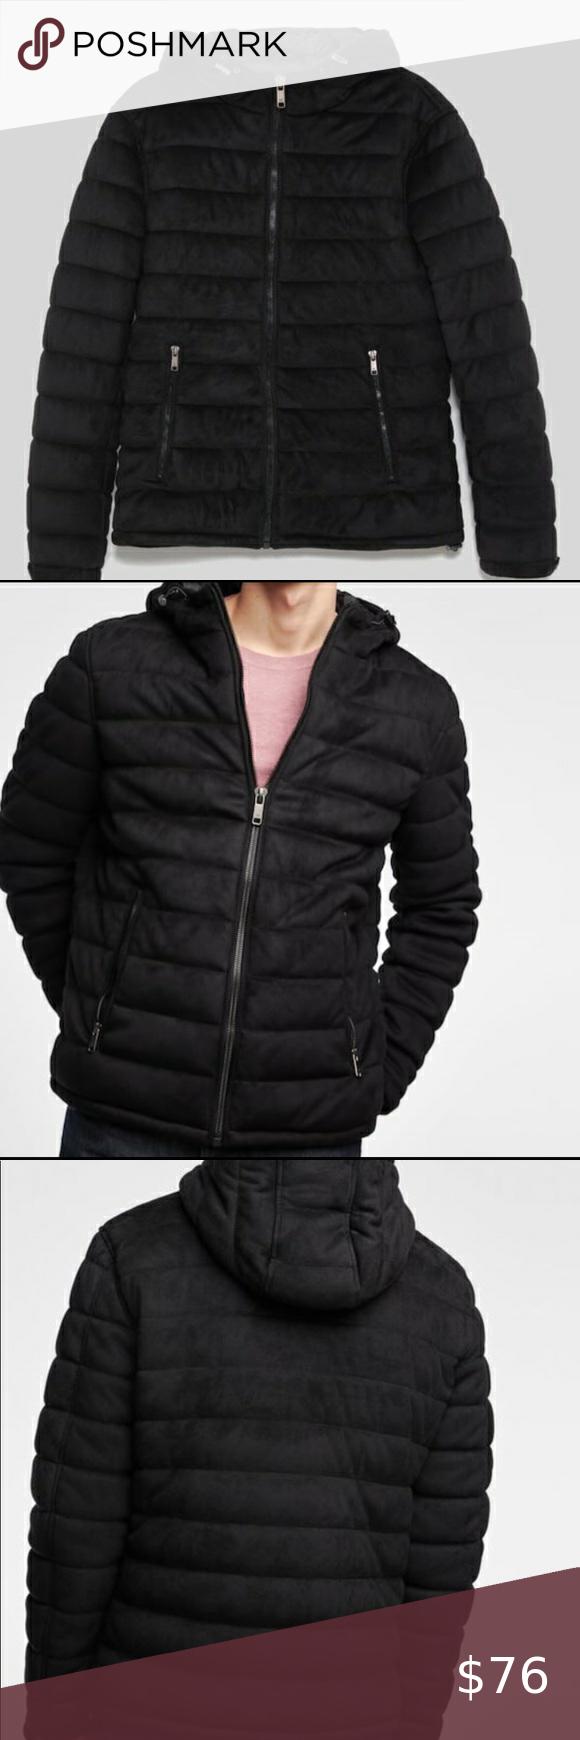 Zara Mens Black Faux Suede Puffer Jacket Puffer Jackets Zara Jackets [ 1740 x 580 Pixel ]